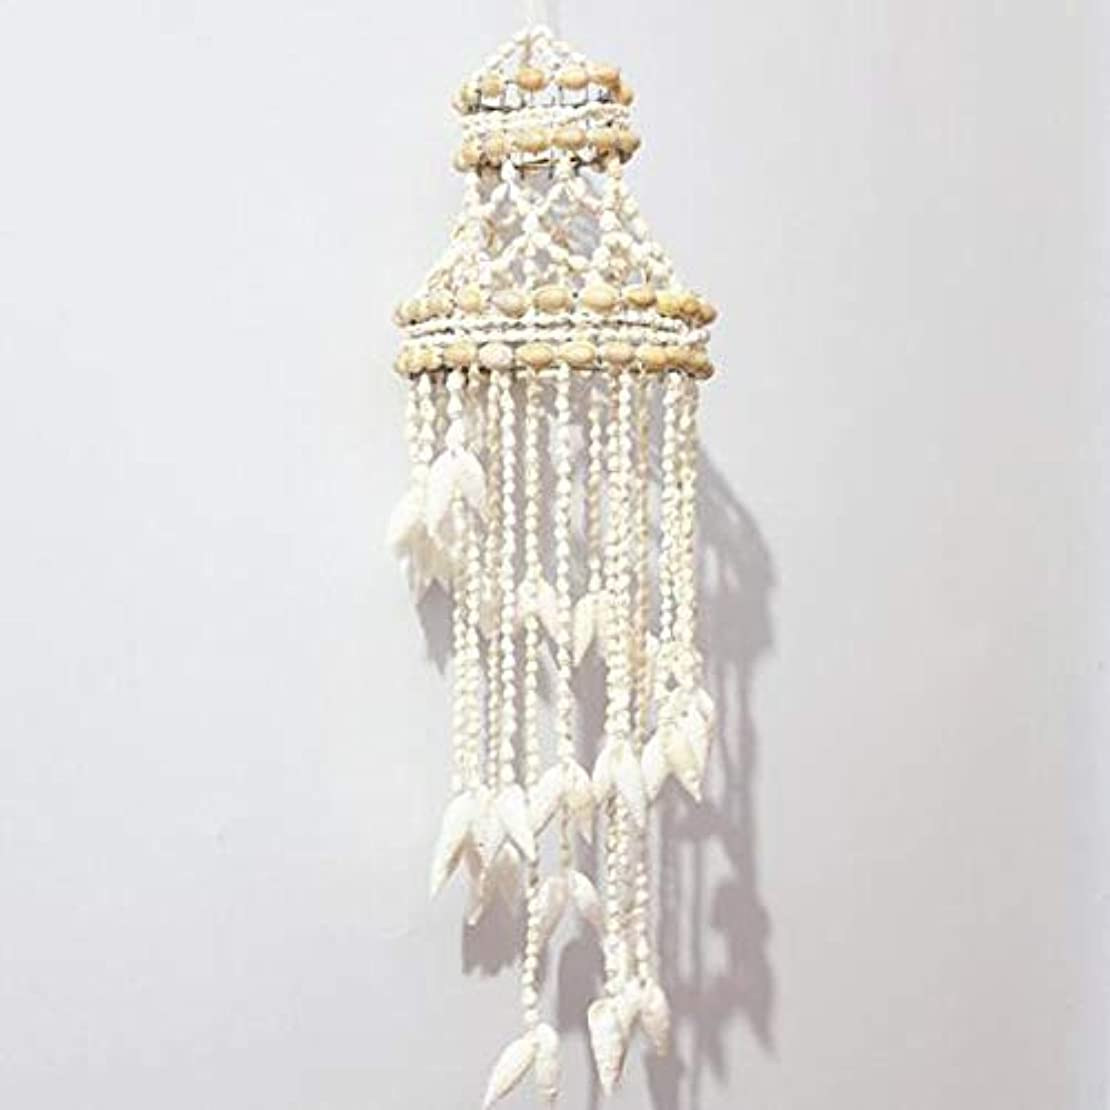 少し煙突物理Aishanghuayi 風チャイム、ナチュラル手作りシェル風の鐘、ホワイト、約長さ50cm,ファッションオーナメント (Color : B)